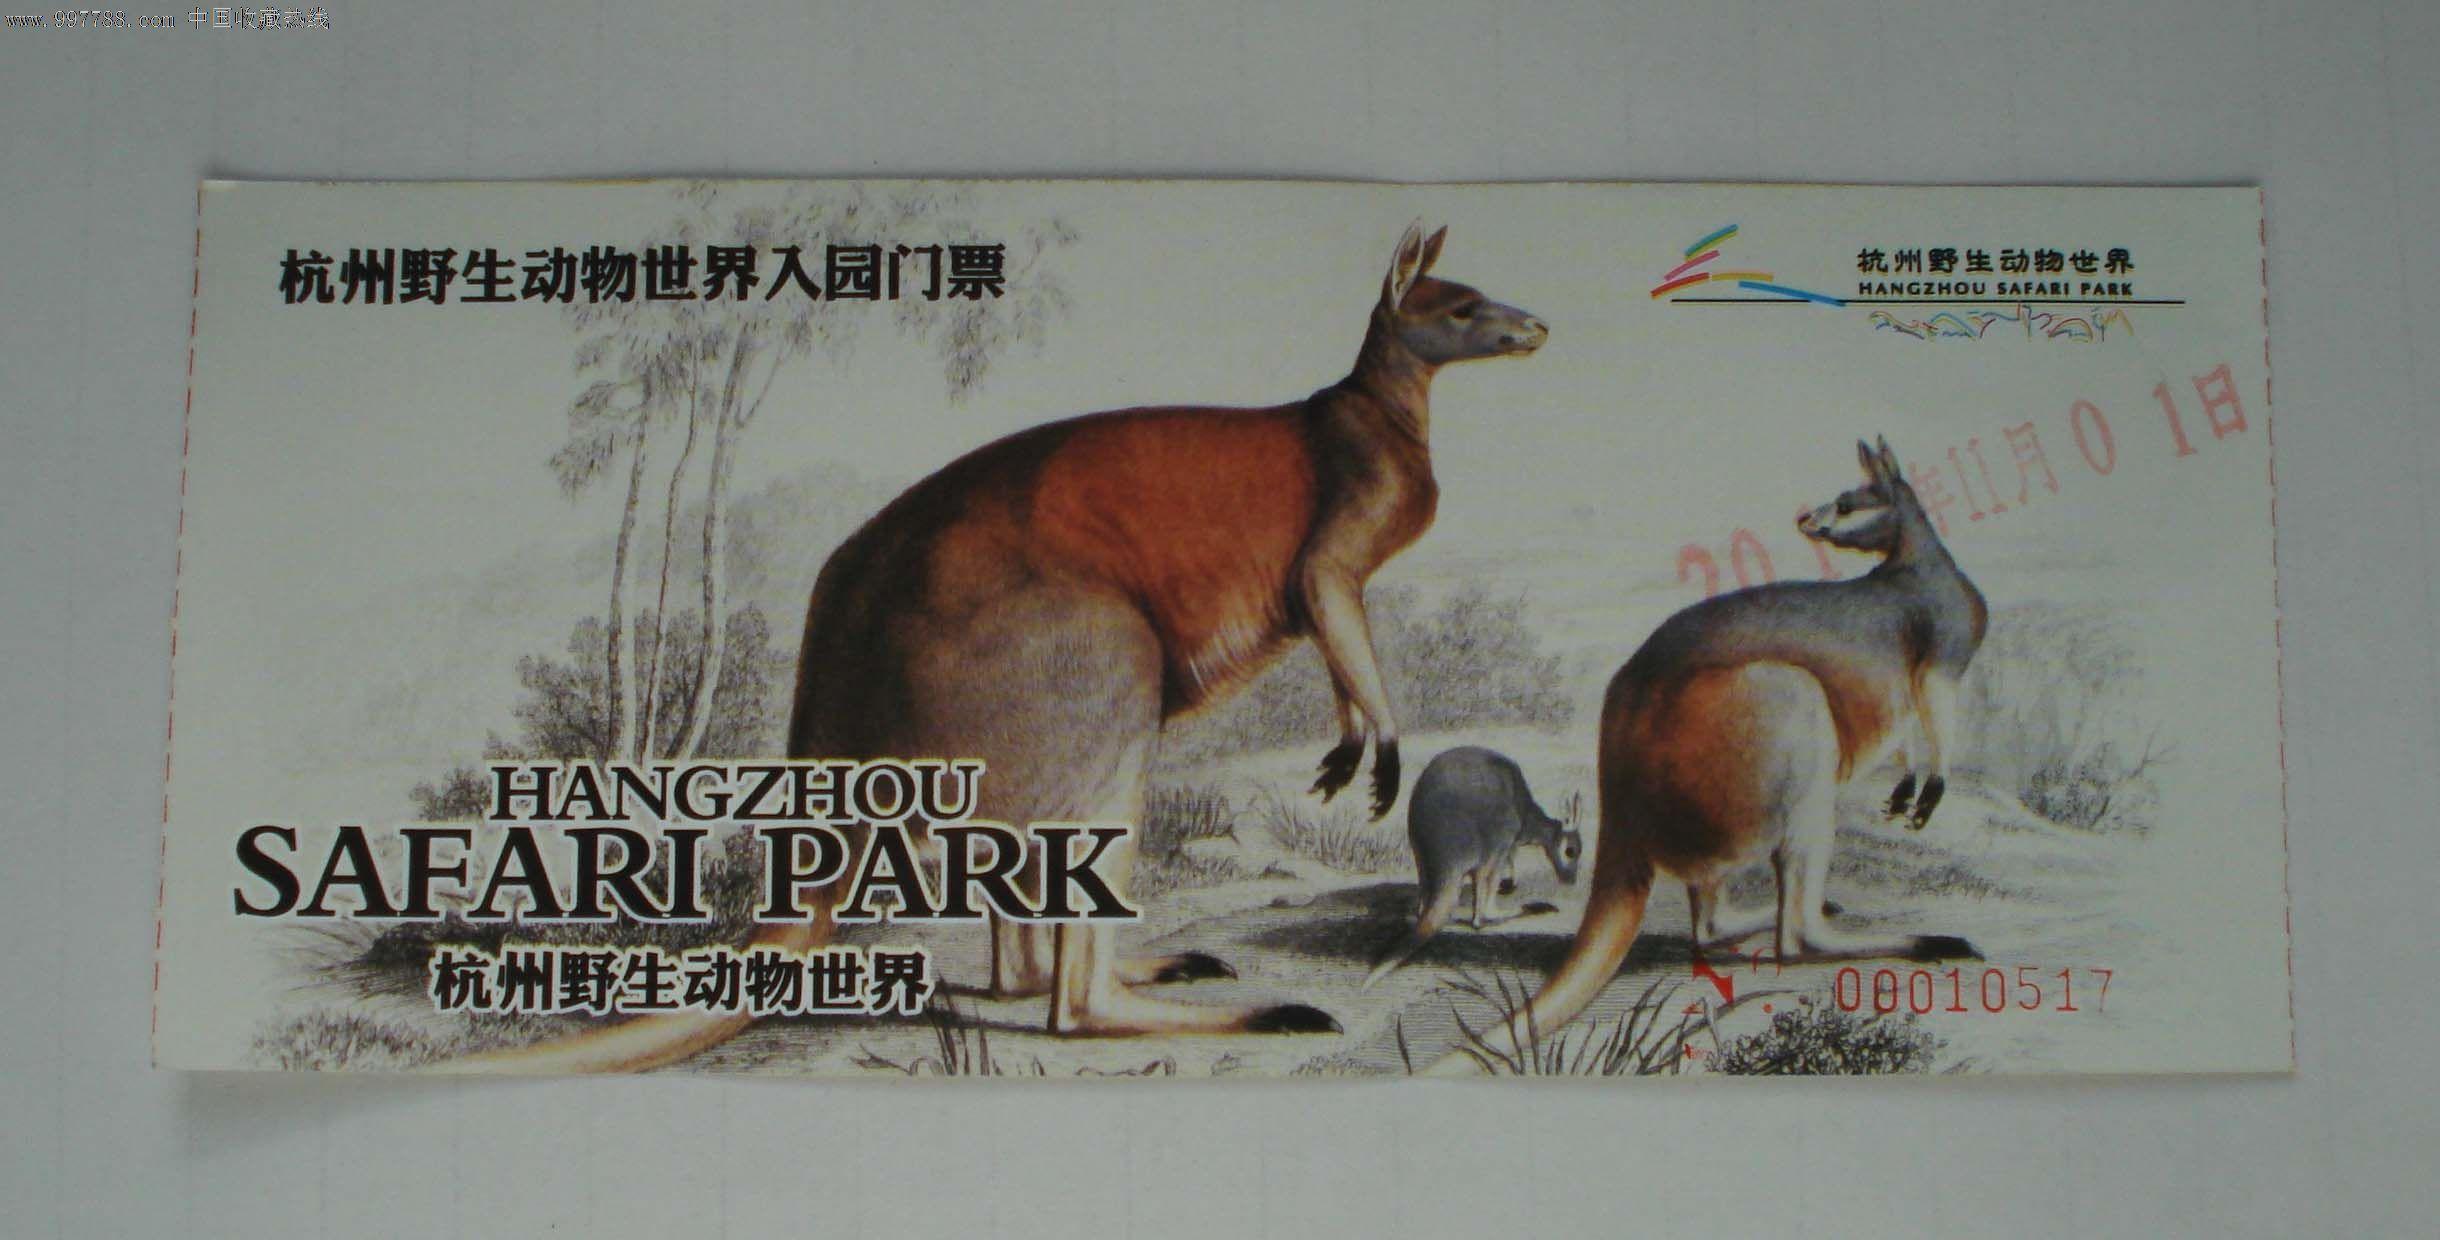 杭州野生动物世界入园门票